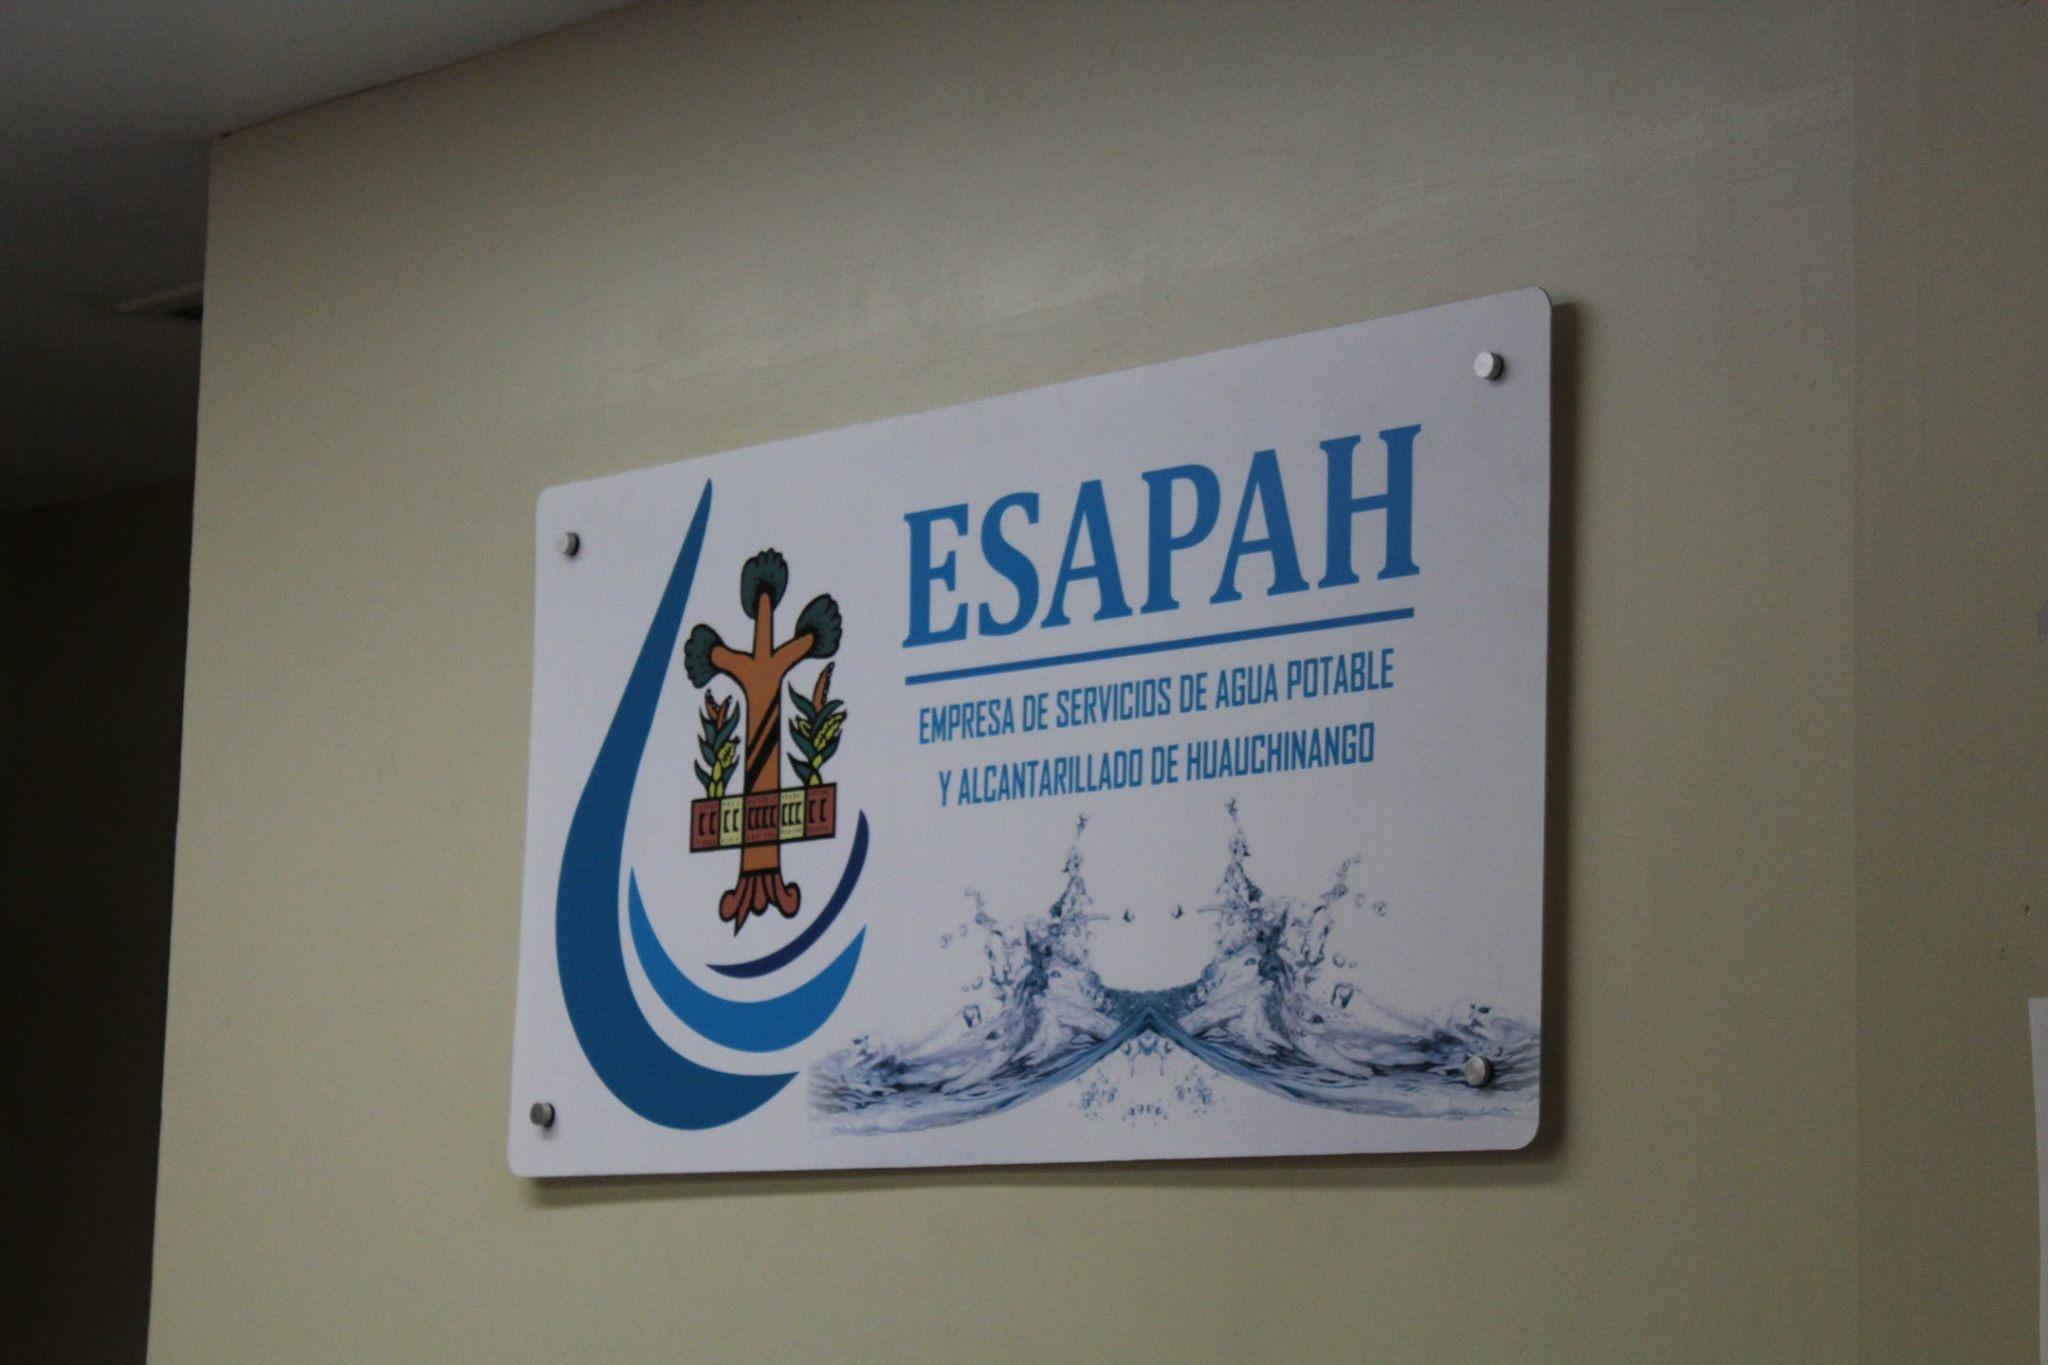 ESAPAH